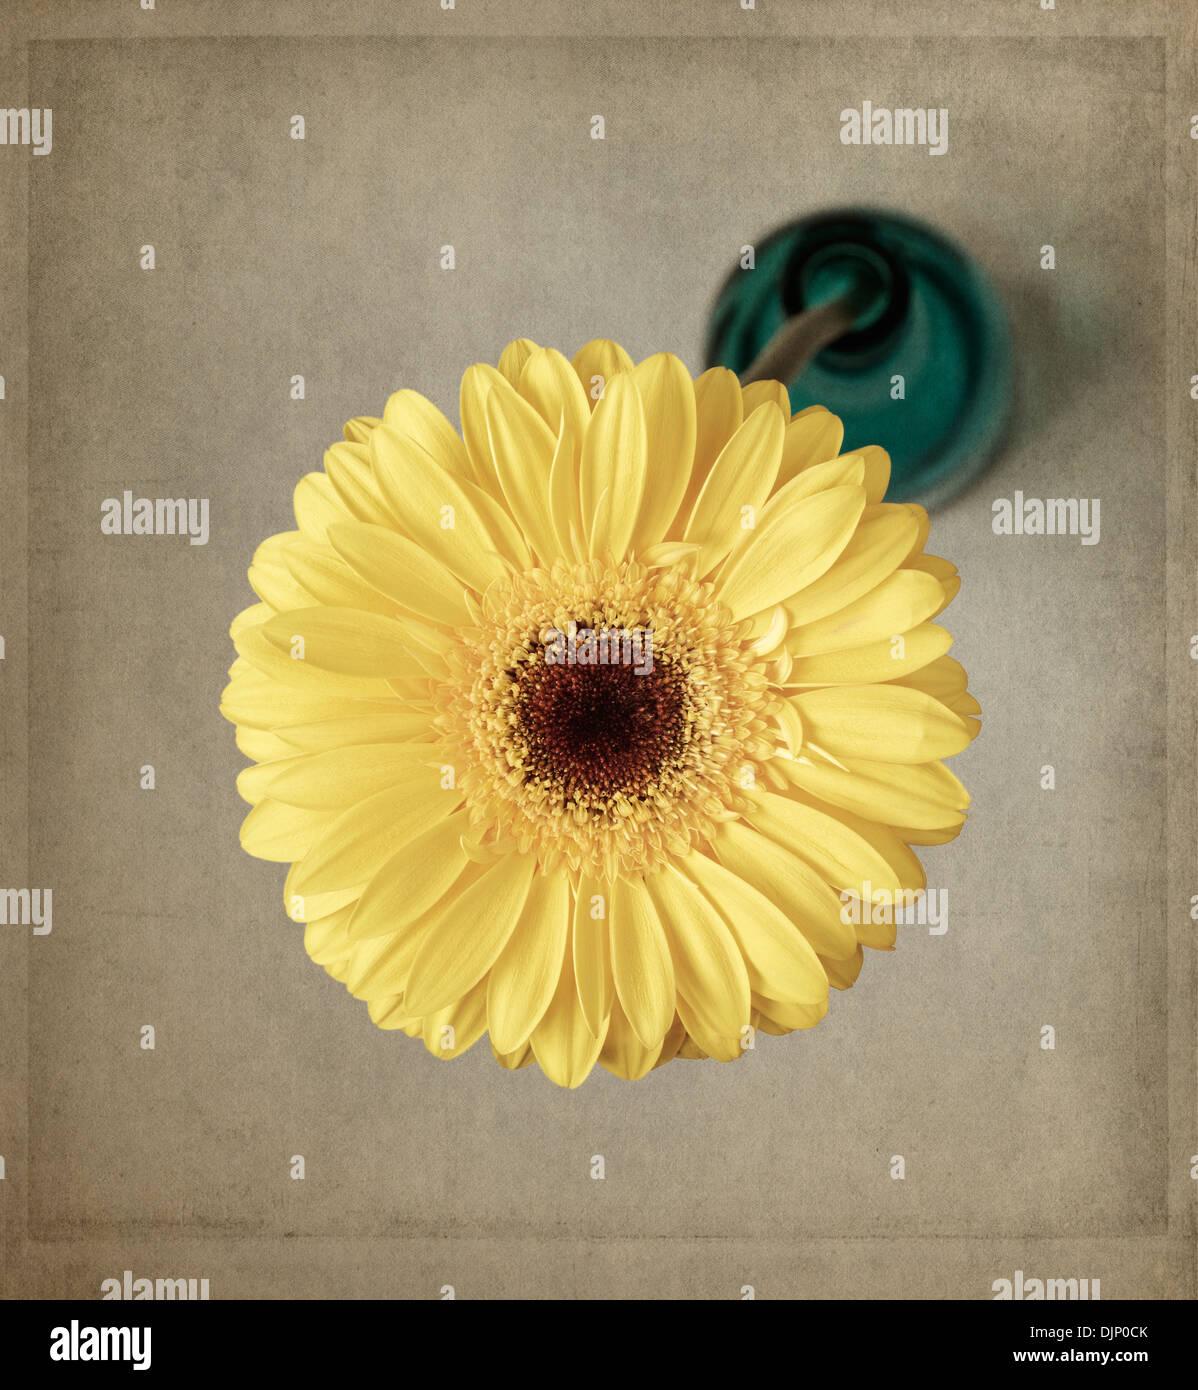 Gerbera amarilla en azul jarrón con textura superpuesto Imagen De Stock